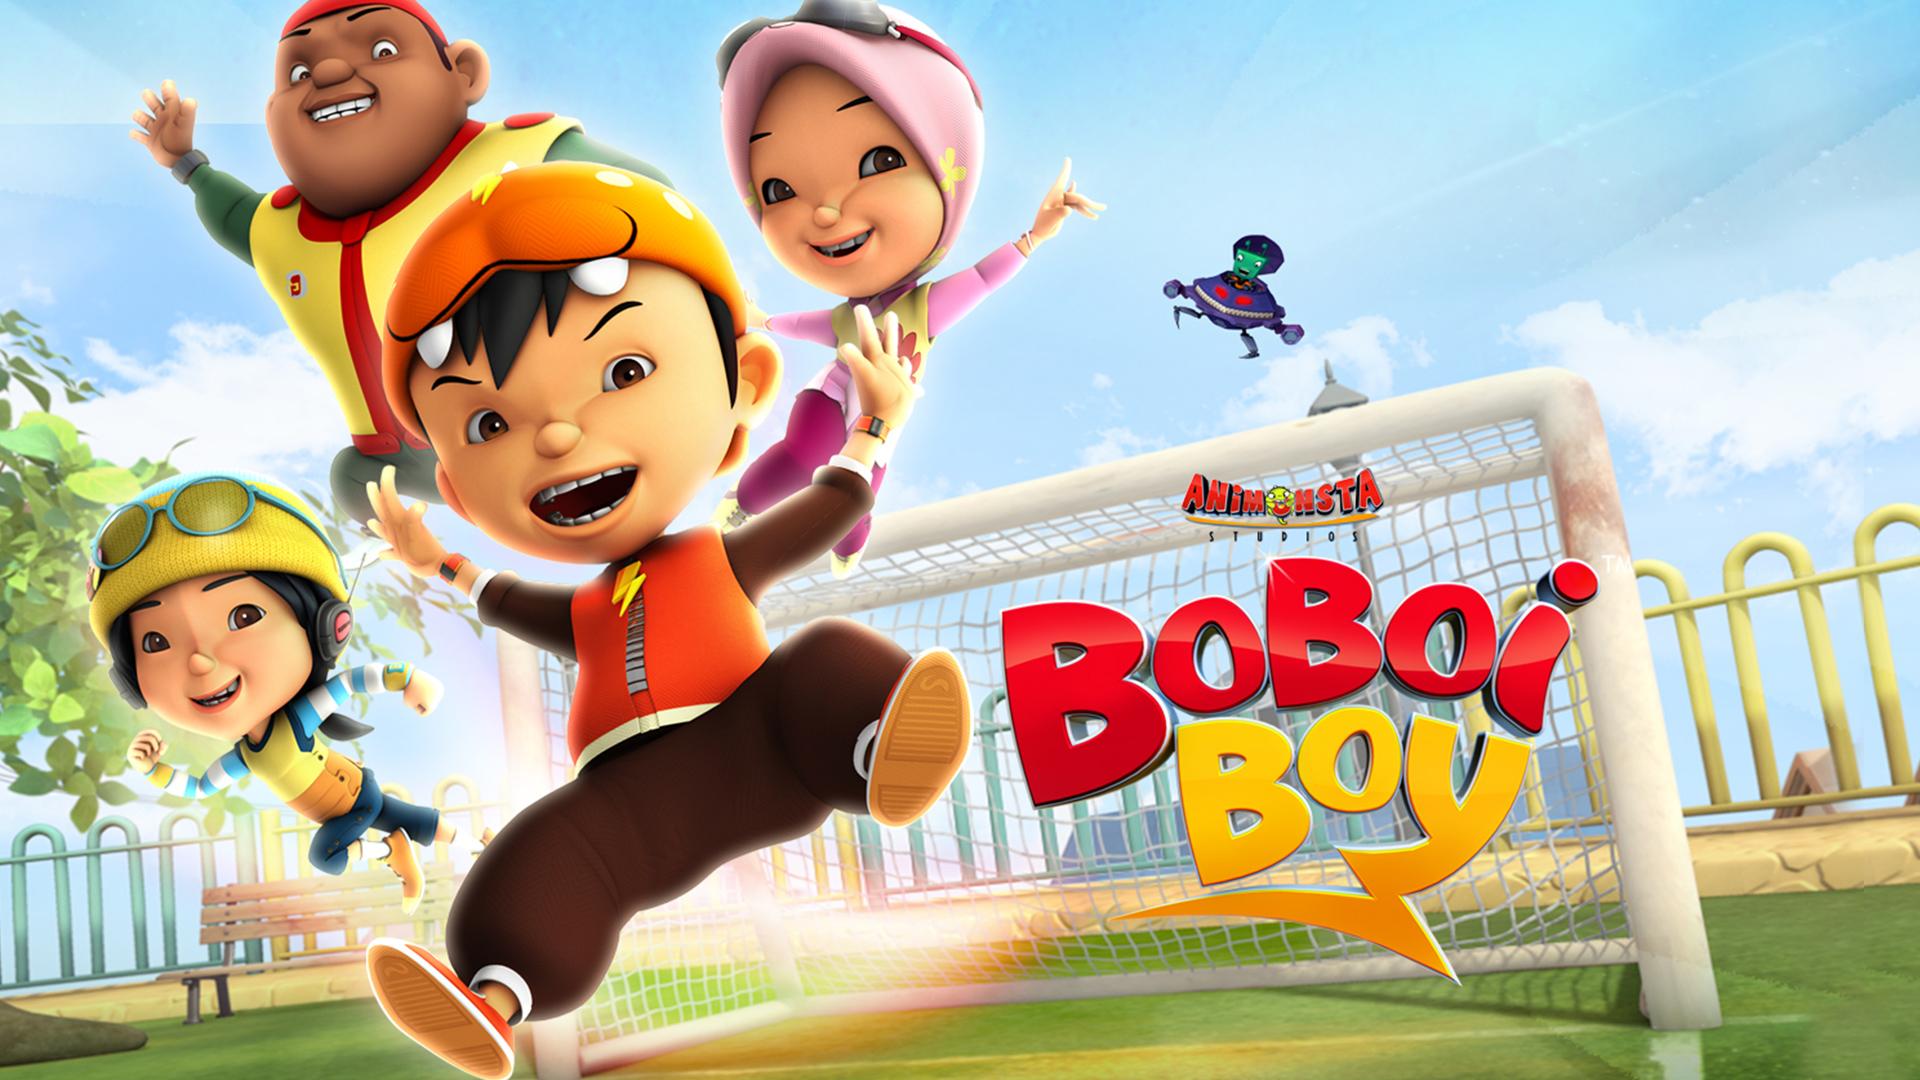 BOBOIBOY